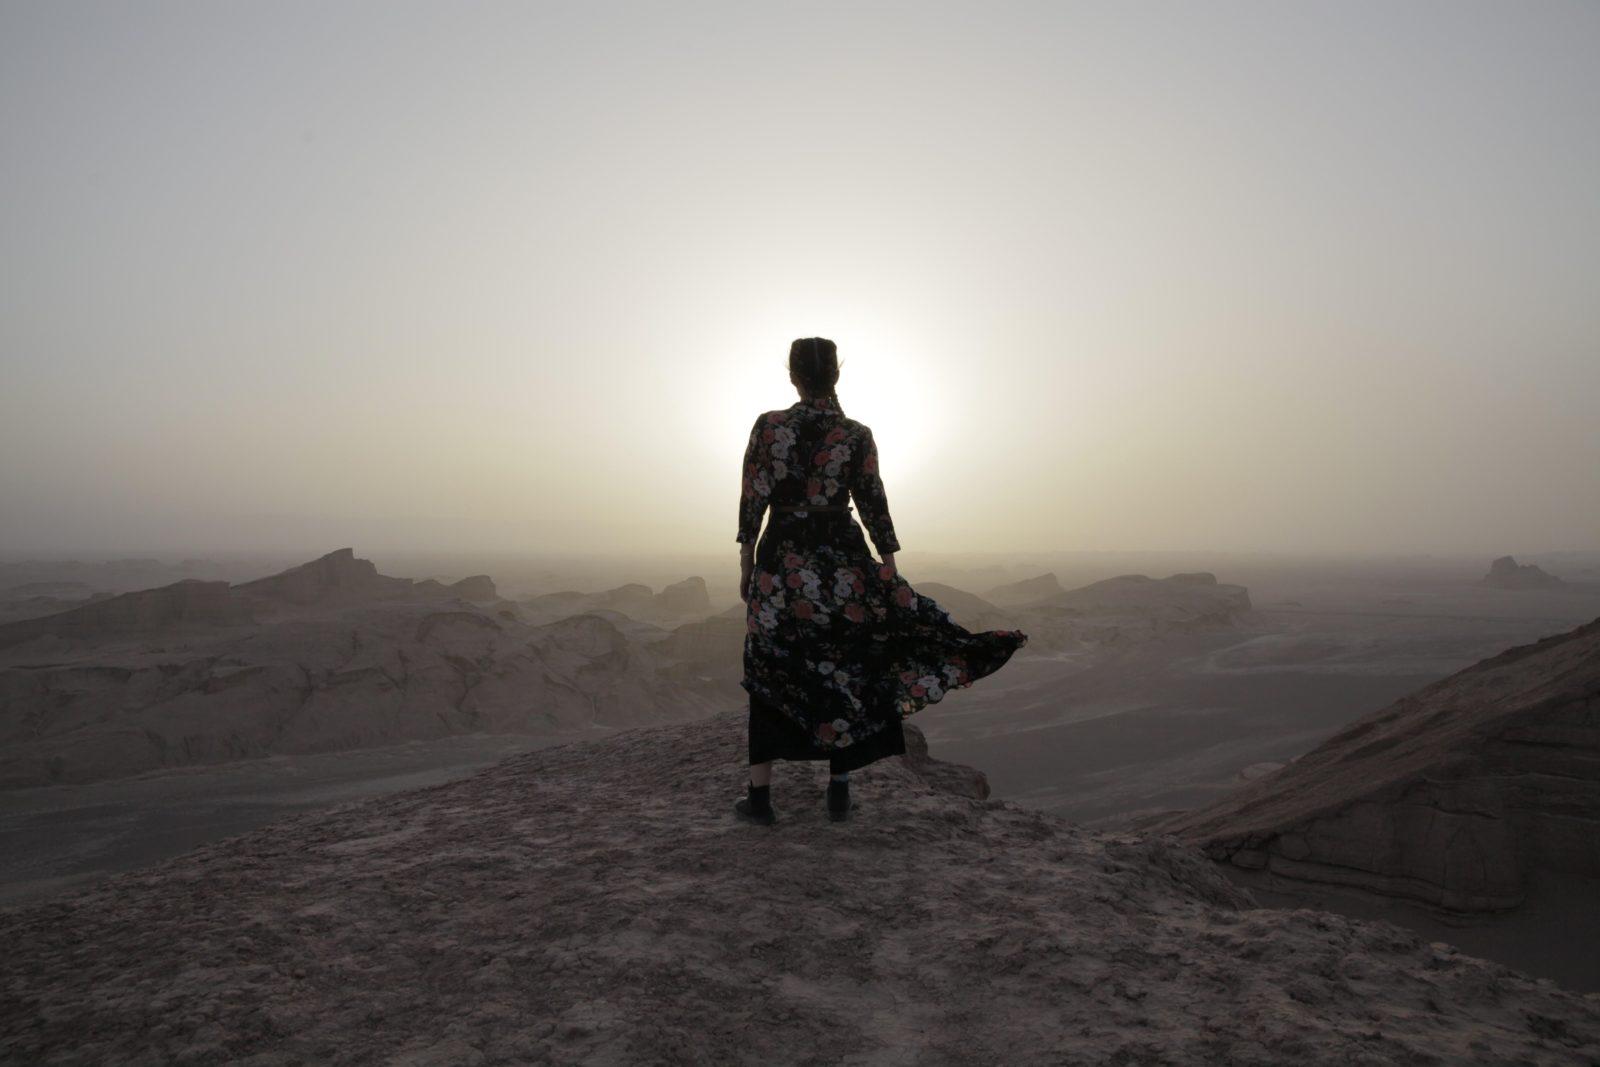 Mentrix offre, à travers son album My Enemy, My Love, une vision positive de l'Iran.